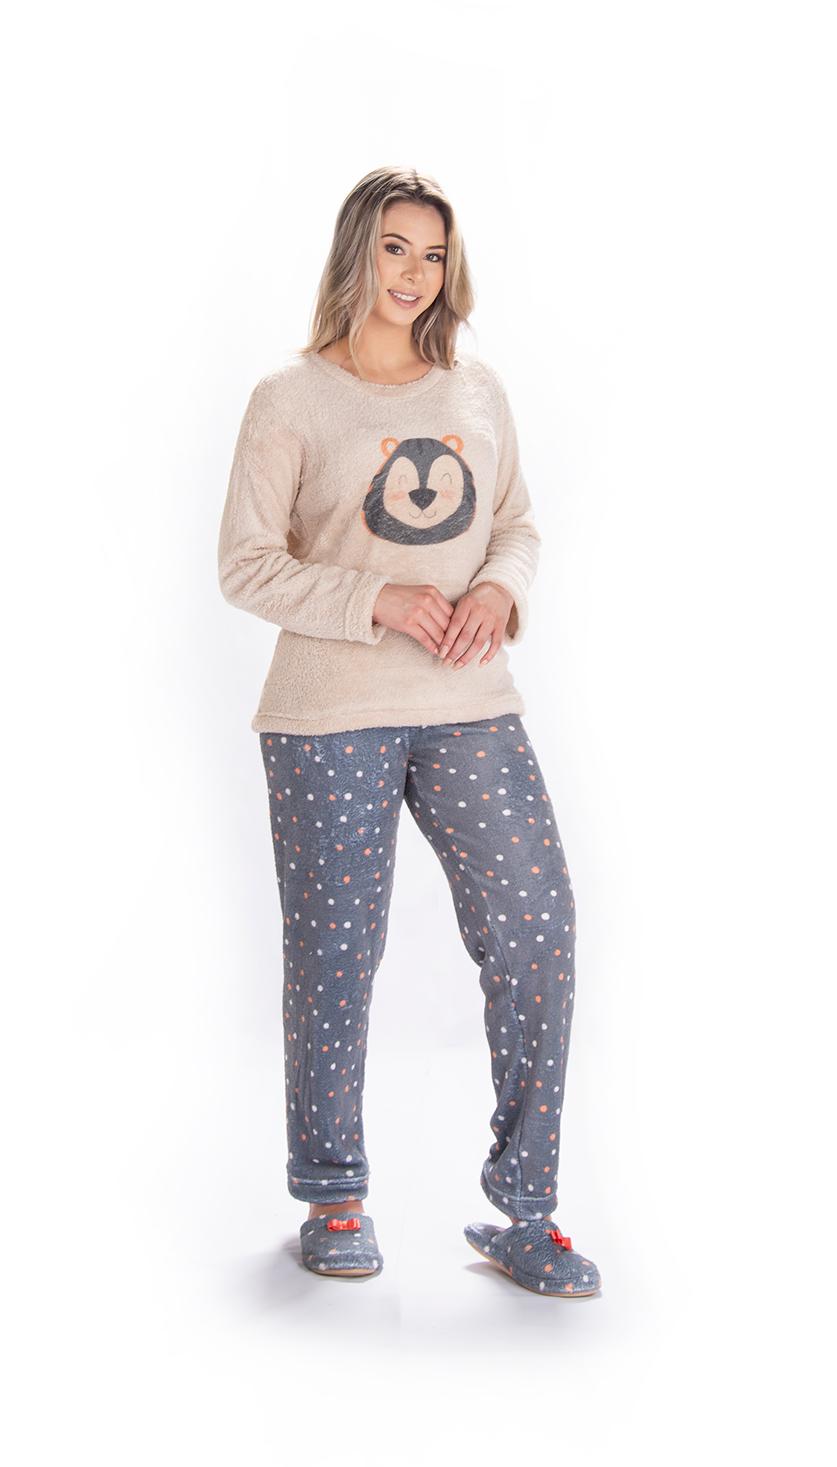 Pijama Feminino Vairelli Inverno Fleece Poliéster Odete  - Vairelli Chinelos Pijamas Robes